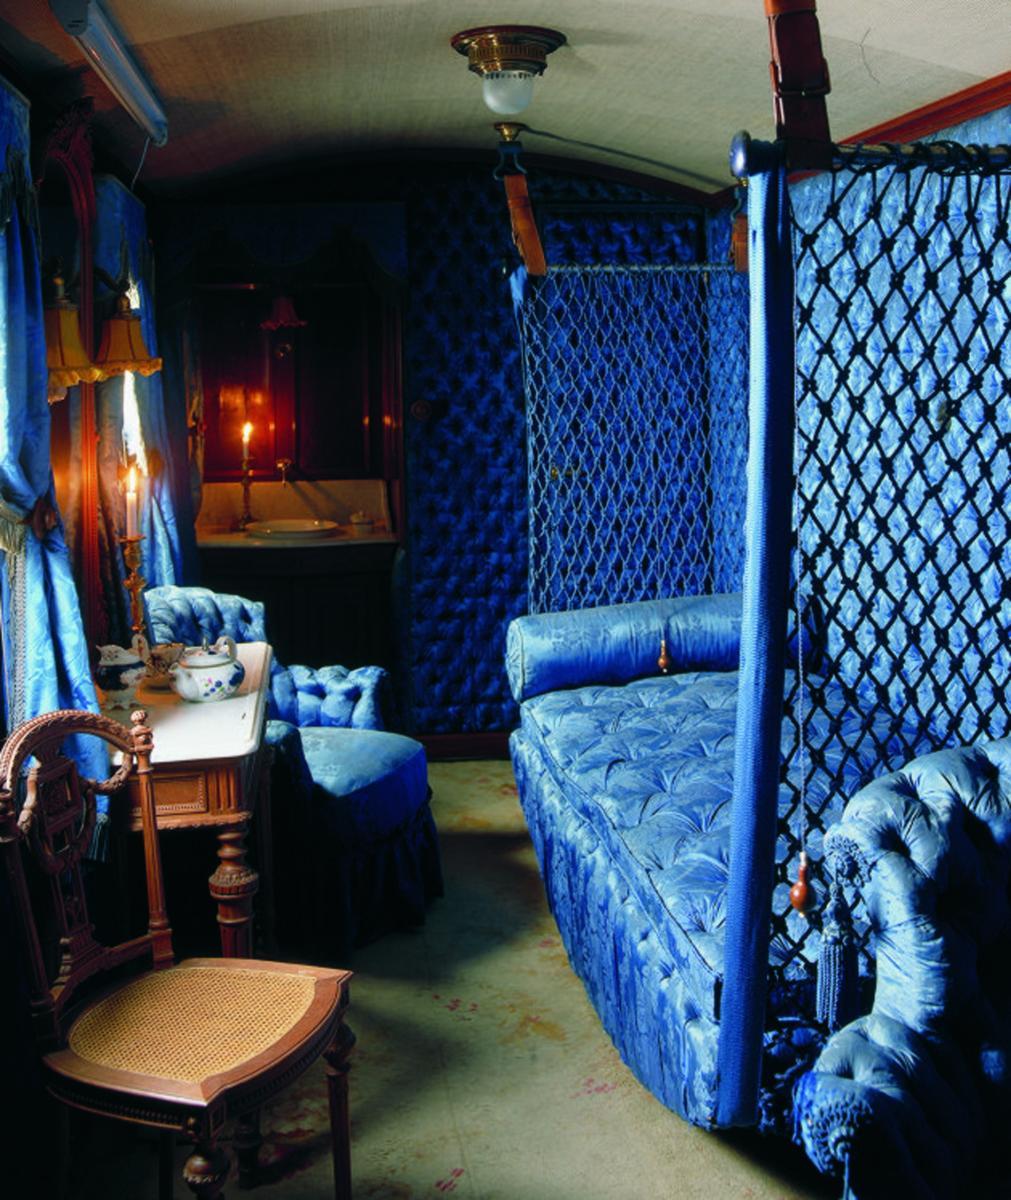 Hängande sängen i kejsarinnans lyxiga vagn